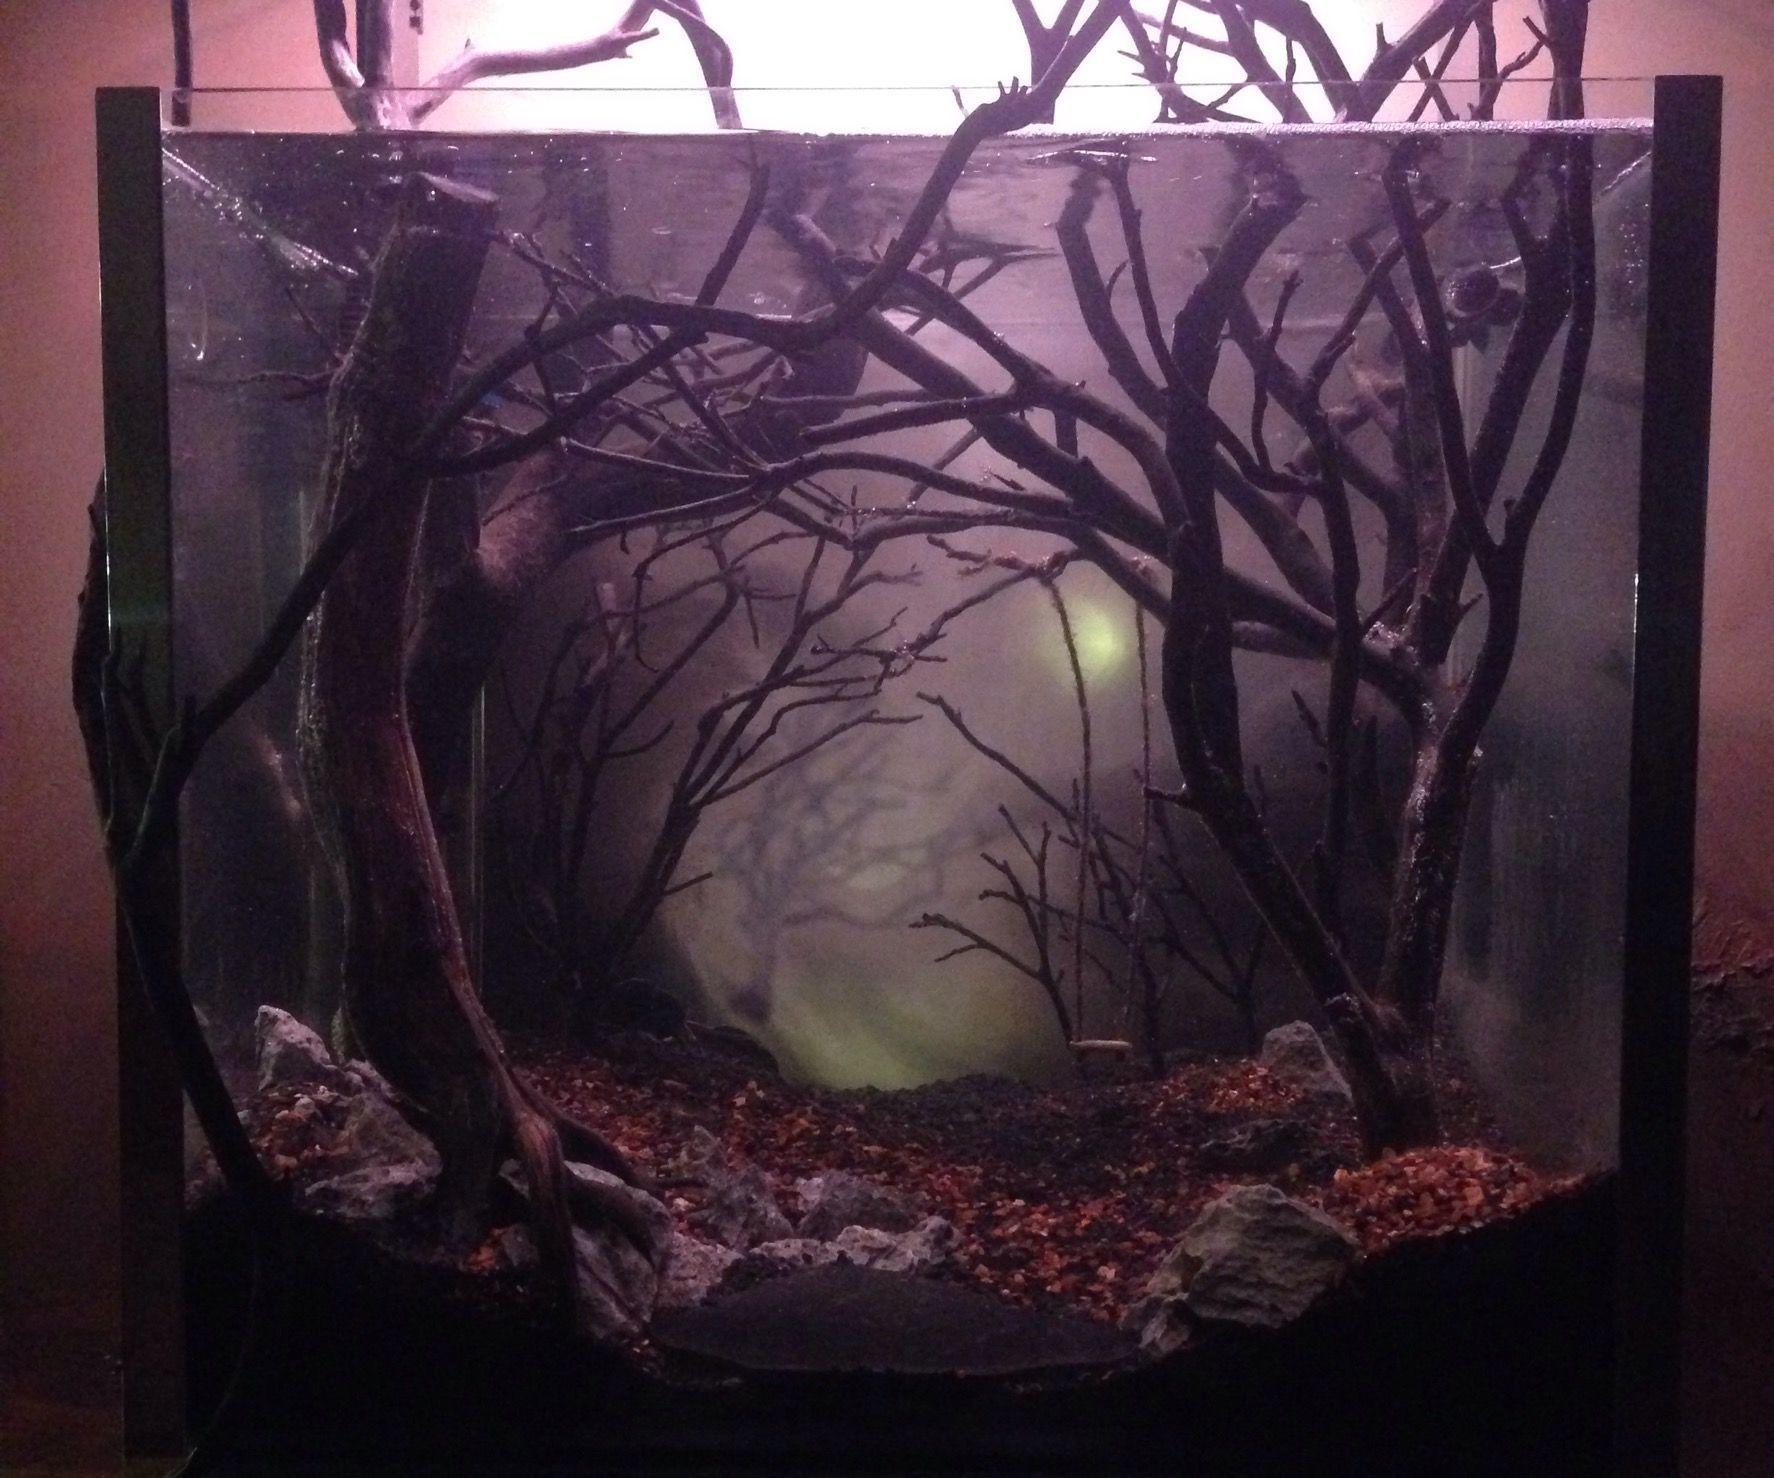 8f680da28b724d1cb0bc1d0033bf02a8 Incroyable De Aquarium Deco Des Idées